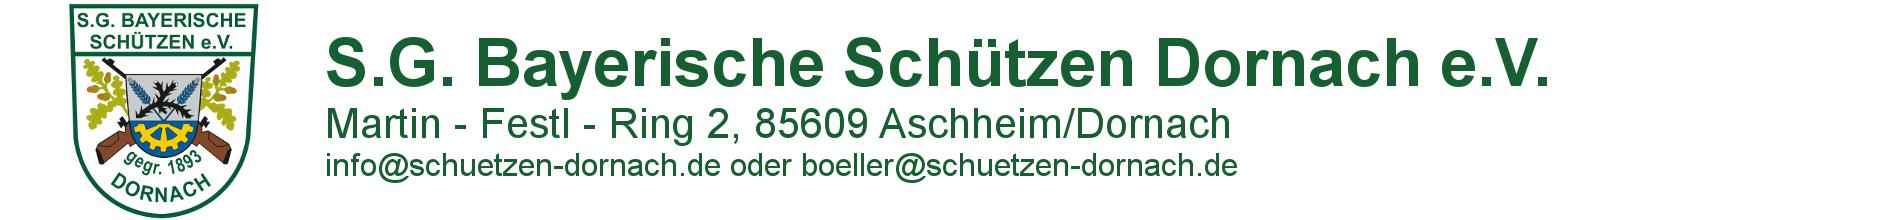 schuetzen_dornach